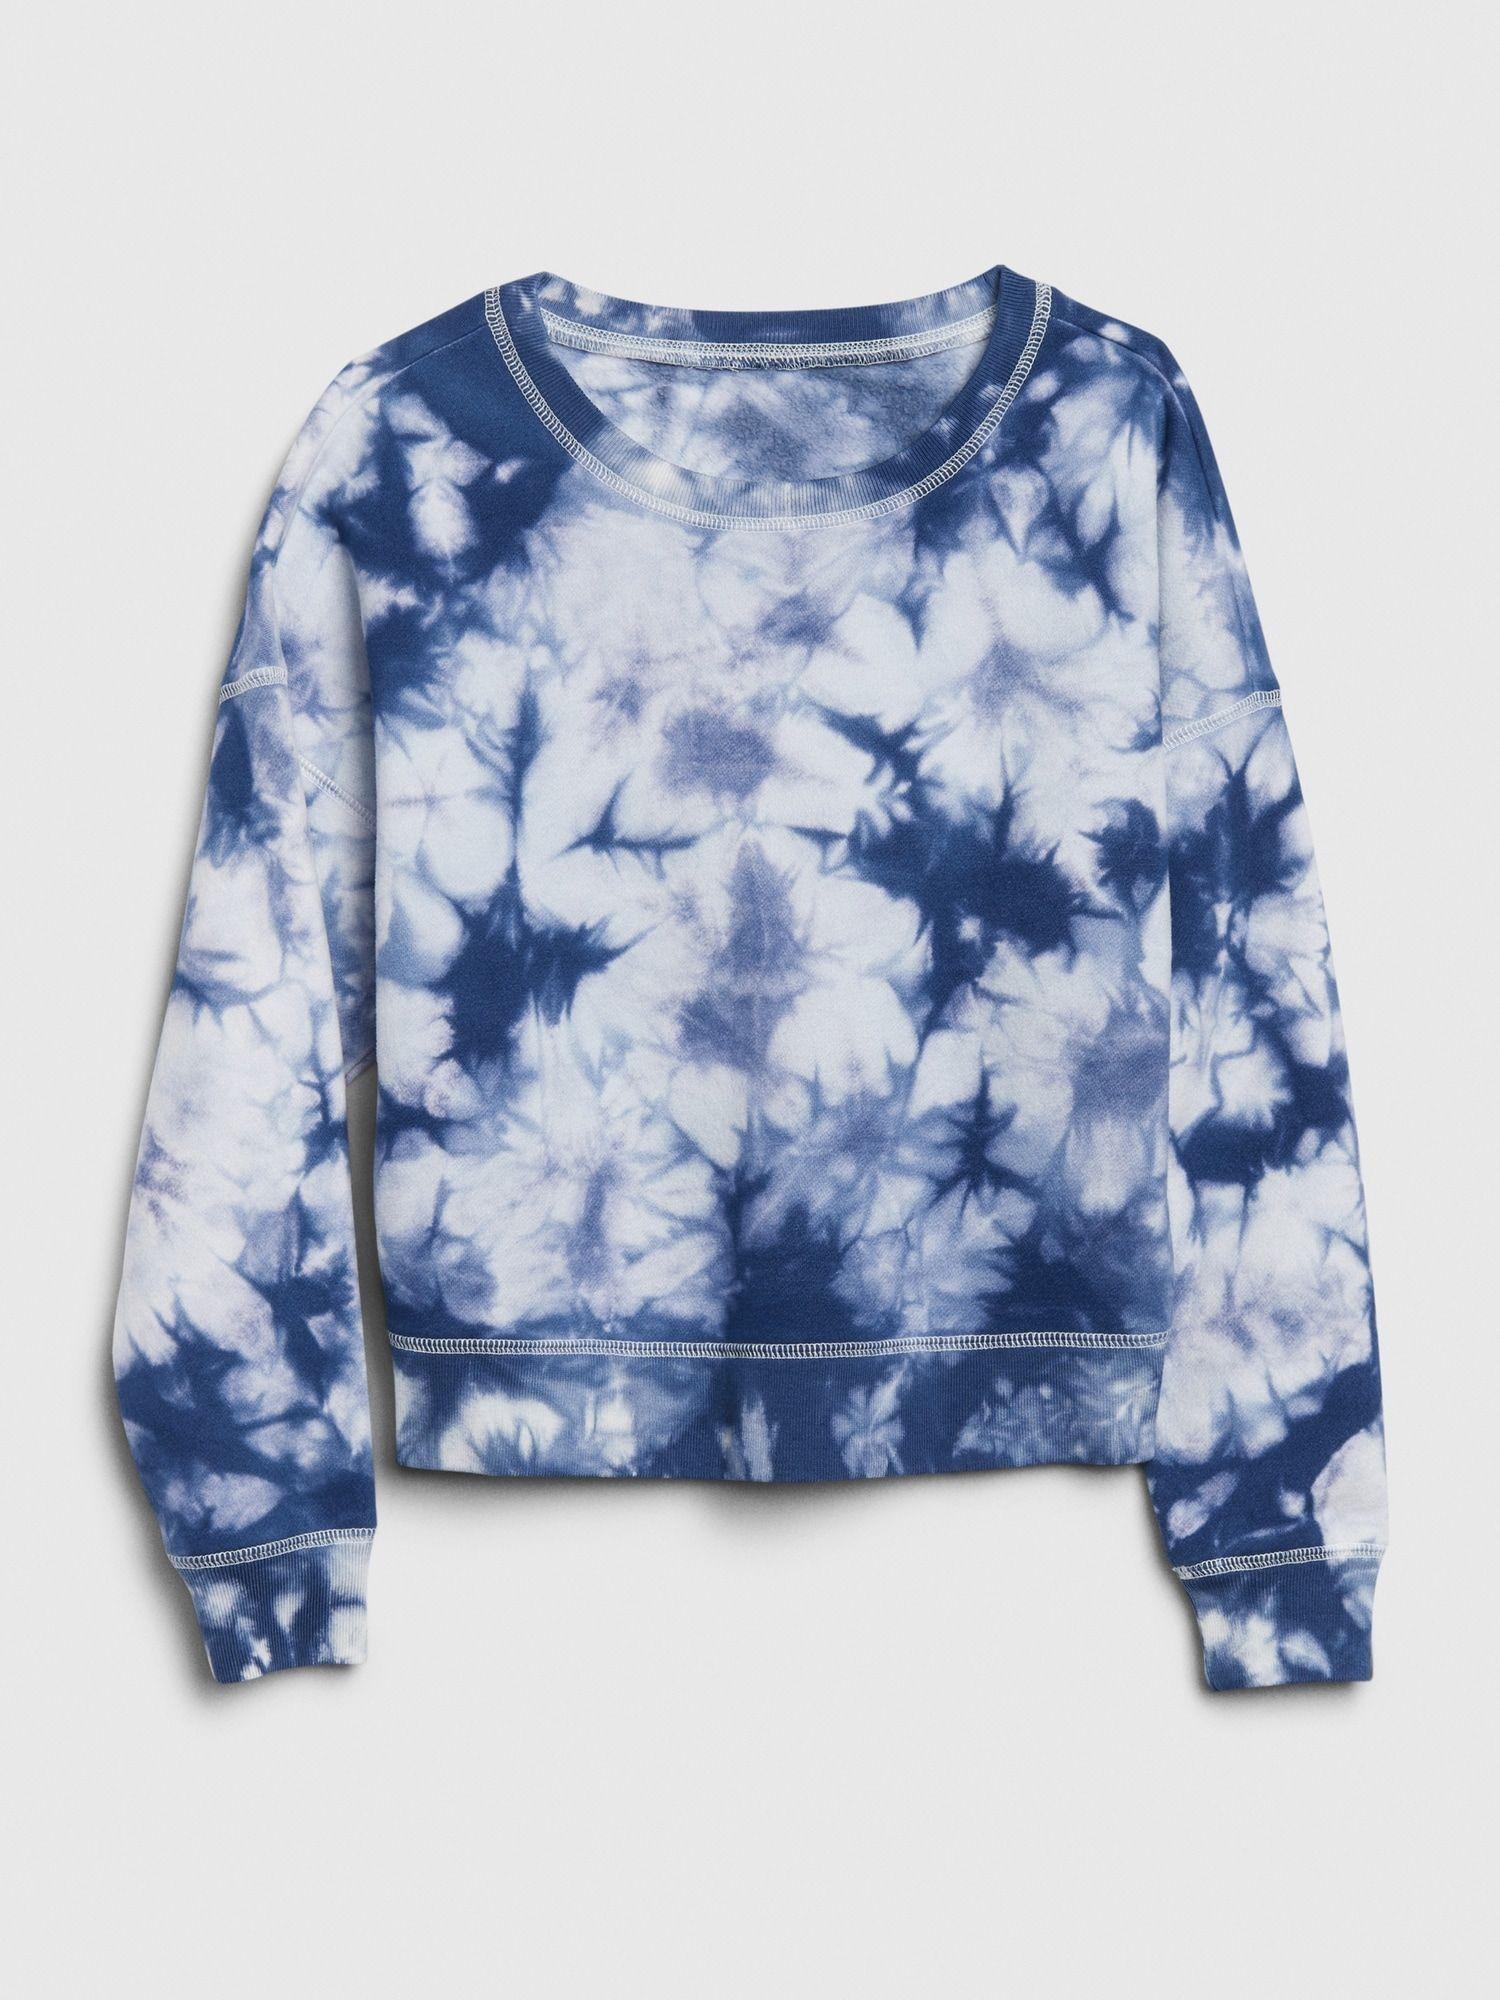 Gap Kids Tie Dye Sweatshirt Blue Tie Dye Tie Dye Outfits Tie Dye Sweatshirt Cute Tie Dye Shirts [ 2000 x 1500 Pixel ]